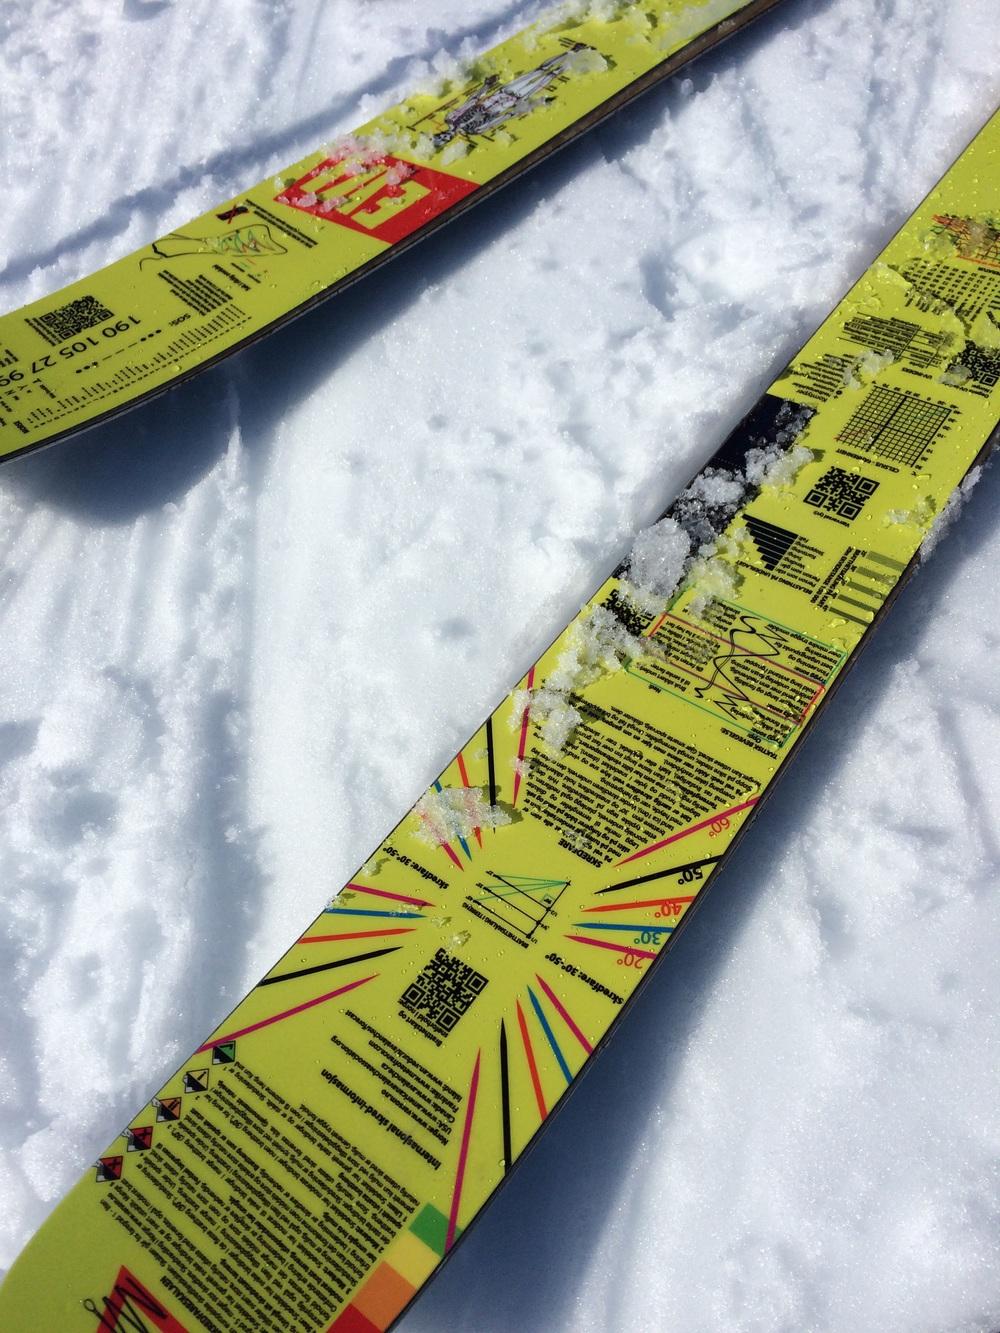 Sjekk disse skia her. Geniale spør du meg. Istedenfor å ha et design som ikke gir noe mening er det skrevet opp bare matnyttig info om generelle ting og farer som kan oppstå i fjellet.